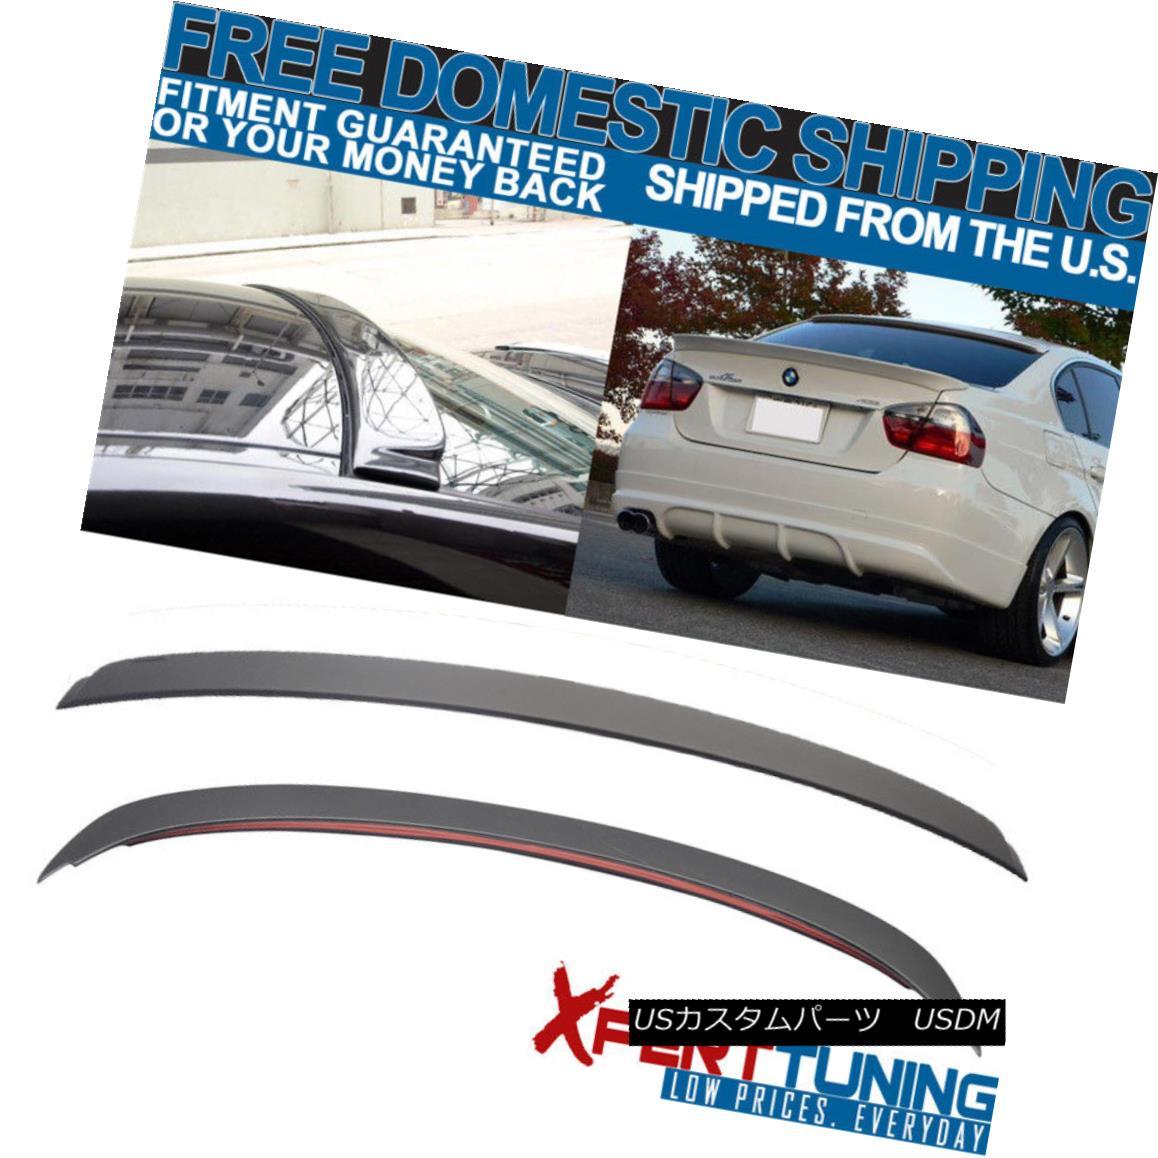 エアロパーツ 06-11 BMW E90 3 Series 4Door Sedan AC Trunk + Roof Spoiler Unpainted ABS Plastic 06-11 BMW E90 3シリーズ4DoorセダンACトランク+ルーフスポイラー無塗装ABS樹脂